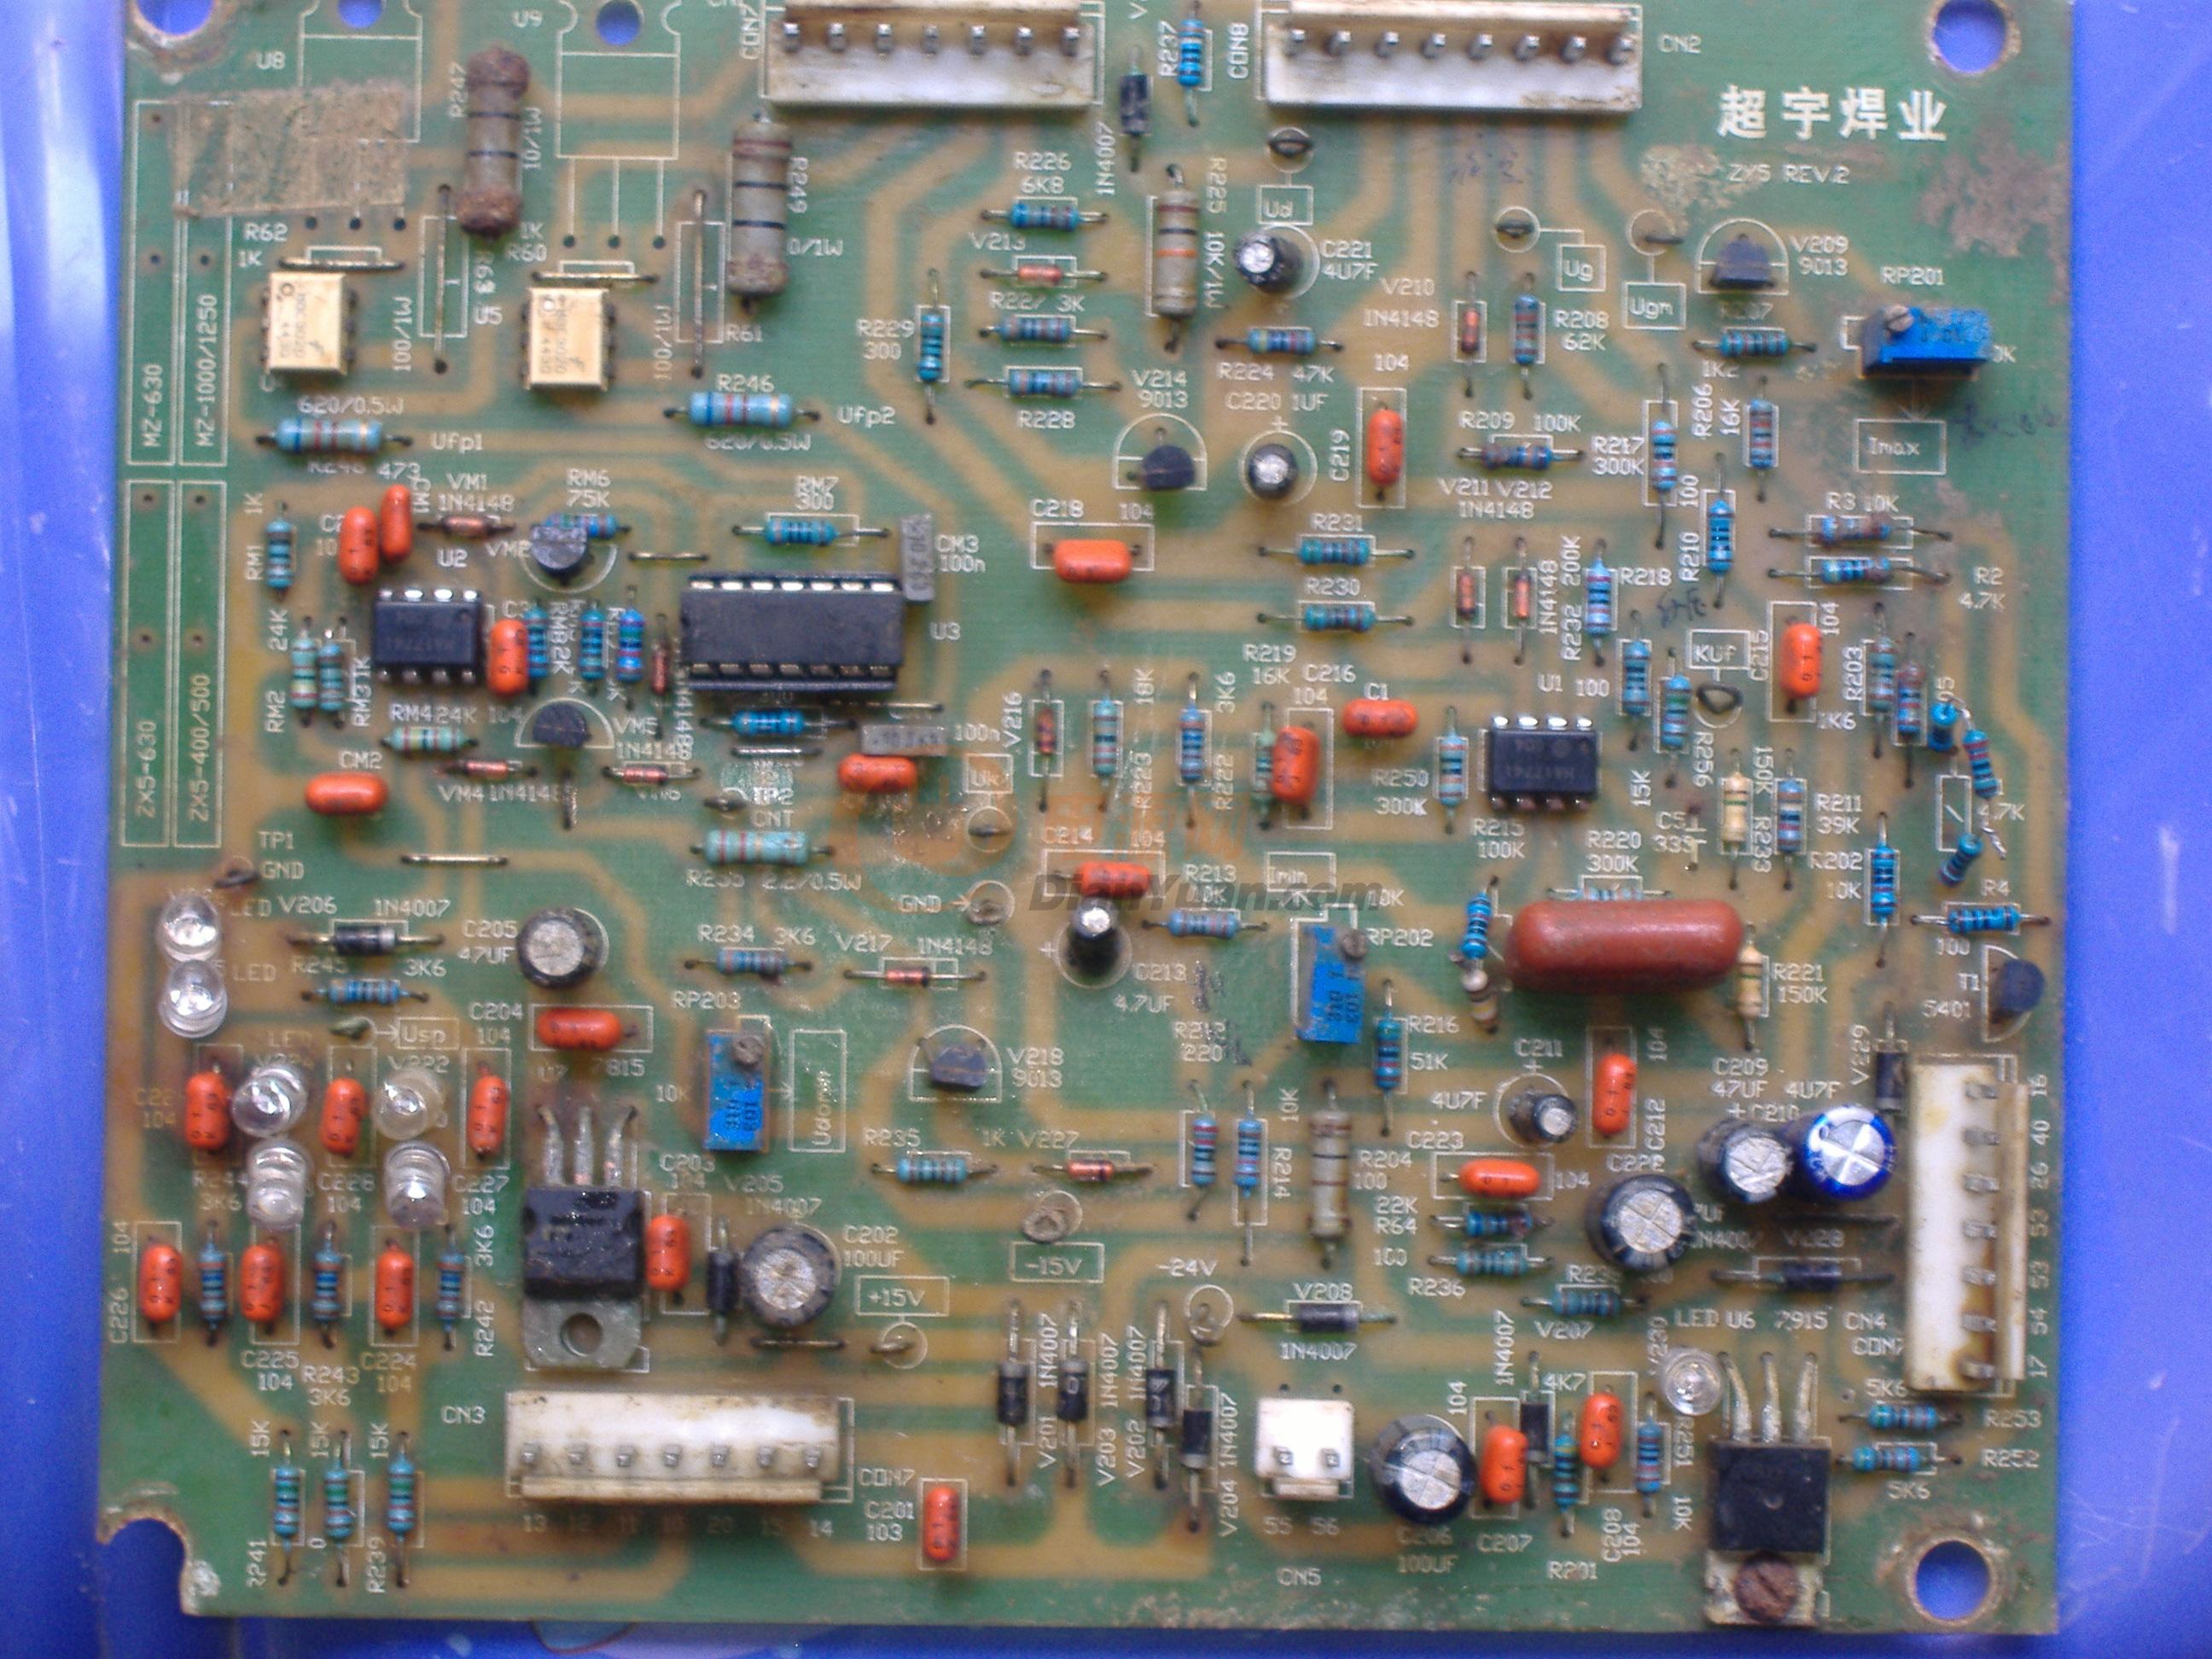 线路板上的集成块也被厂家抹掉了,求线路板图及接线图!